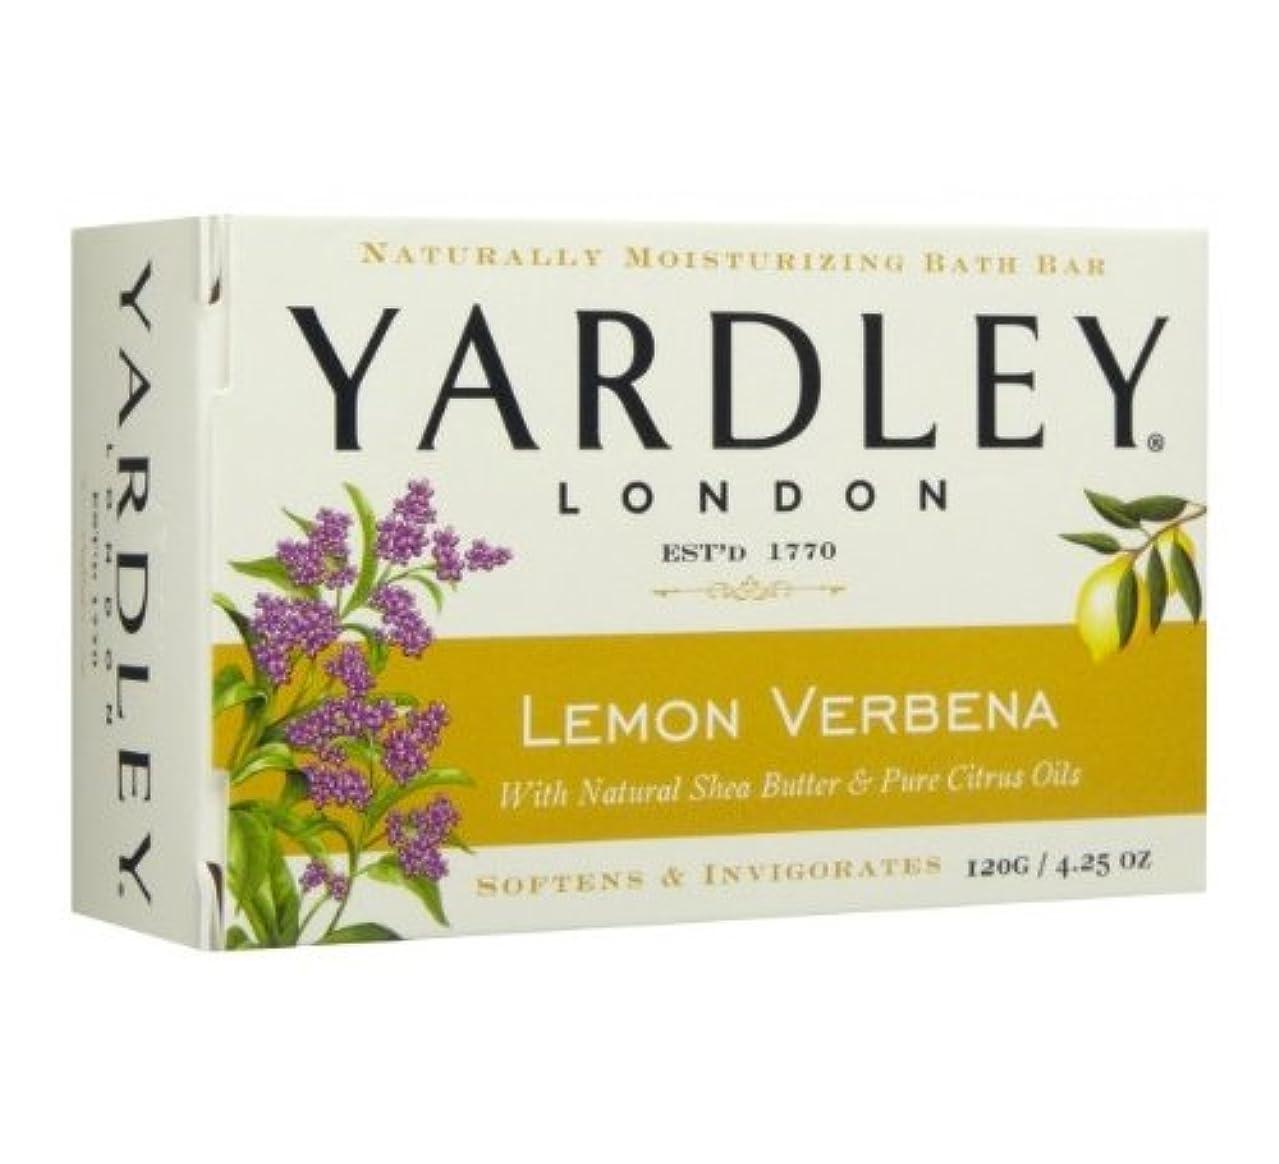 ジョージスティーブンソン周術期ラビリンス【2個 ハワイ直送品】Yardley London Lemon Verbena Moisturizing Bath Bar ヤードリー レモンバーベナ ソープ 120g